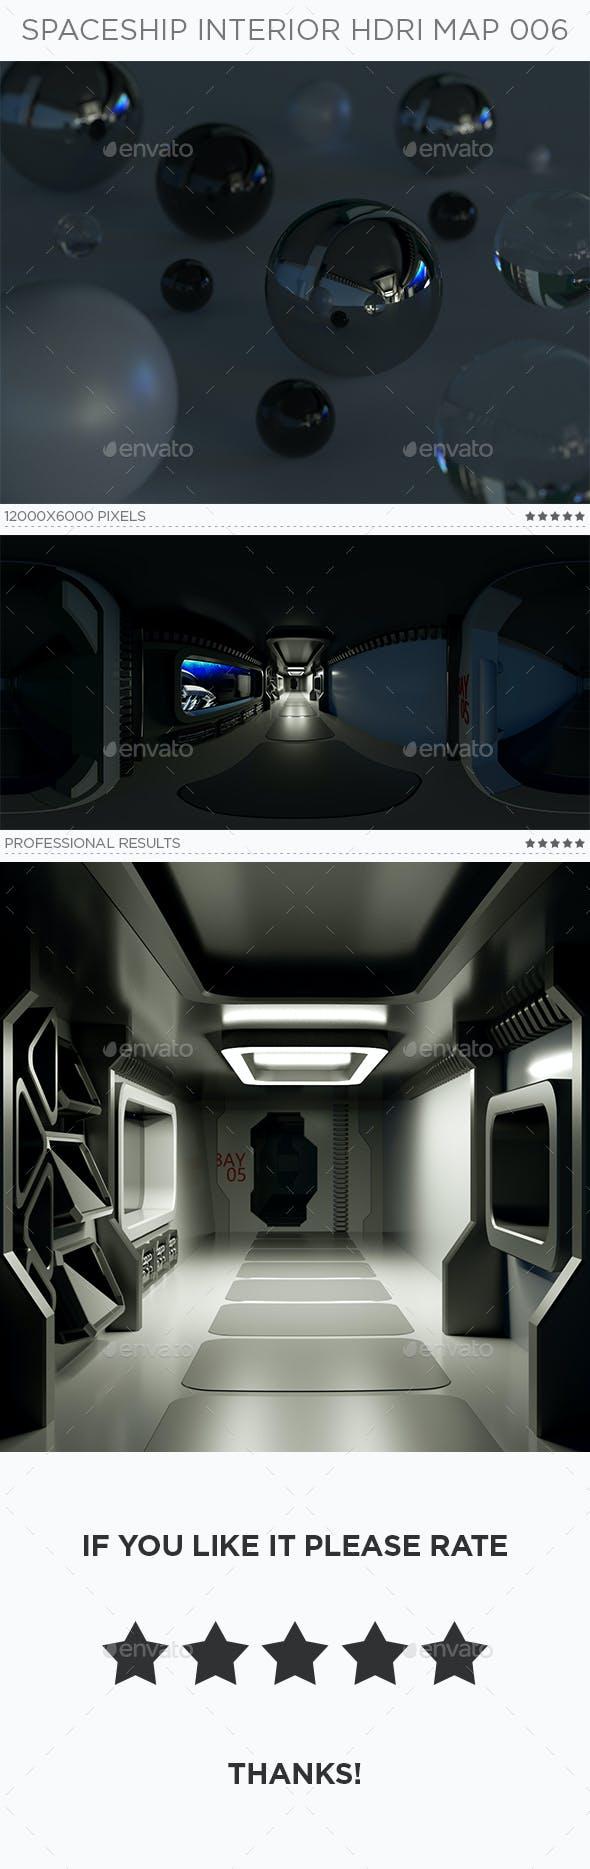 Spaceship Interior HDRi Map 006 - 3DOcean Item for Sale